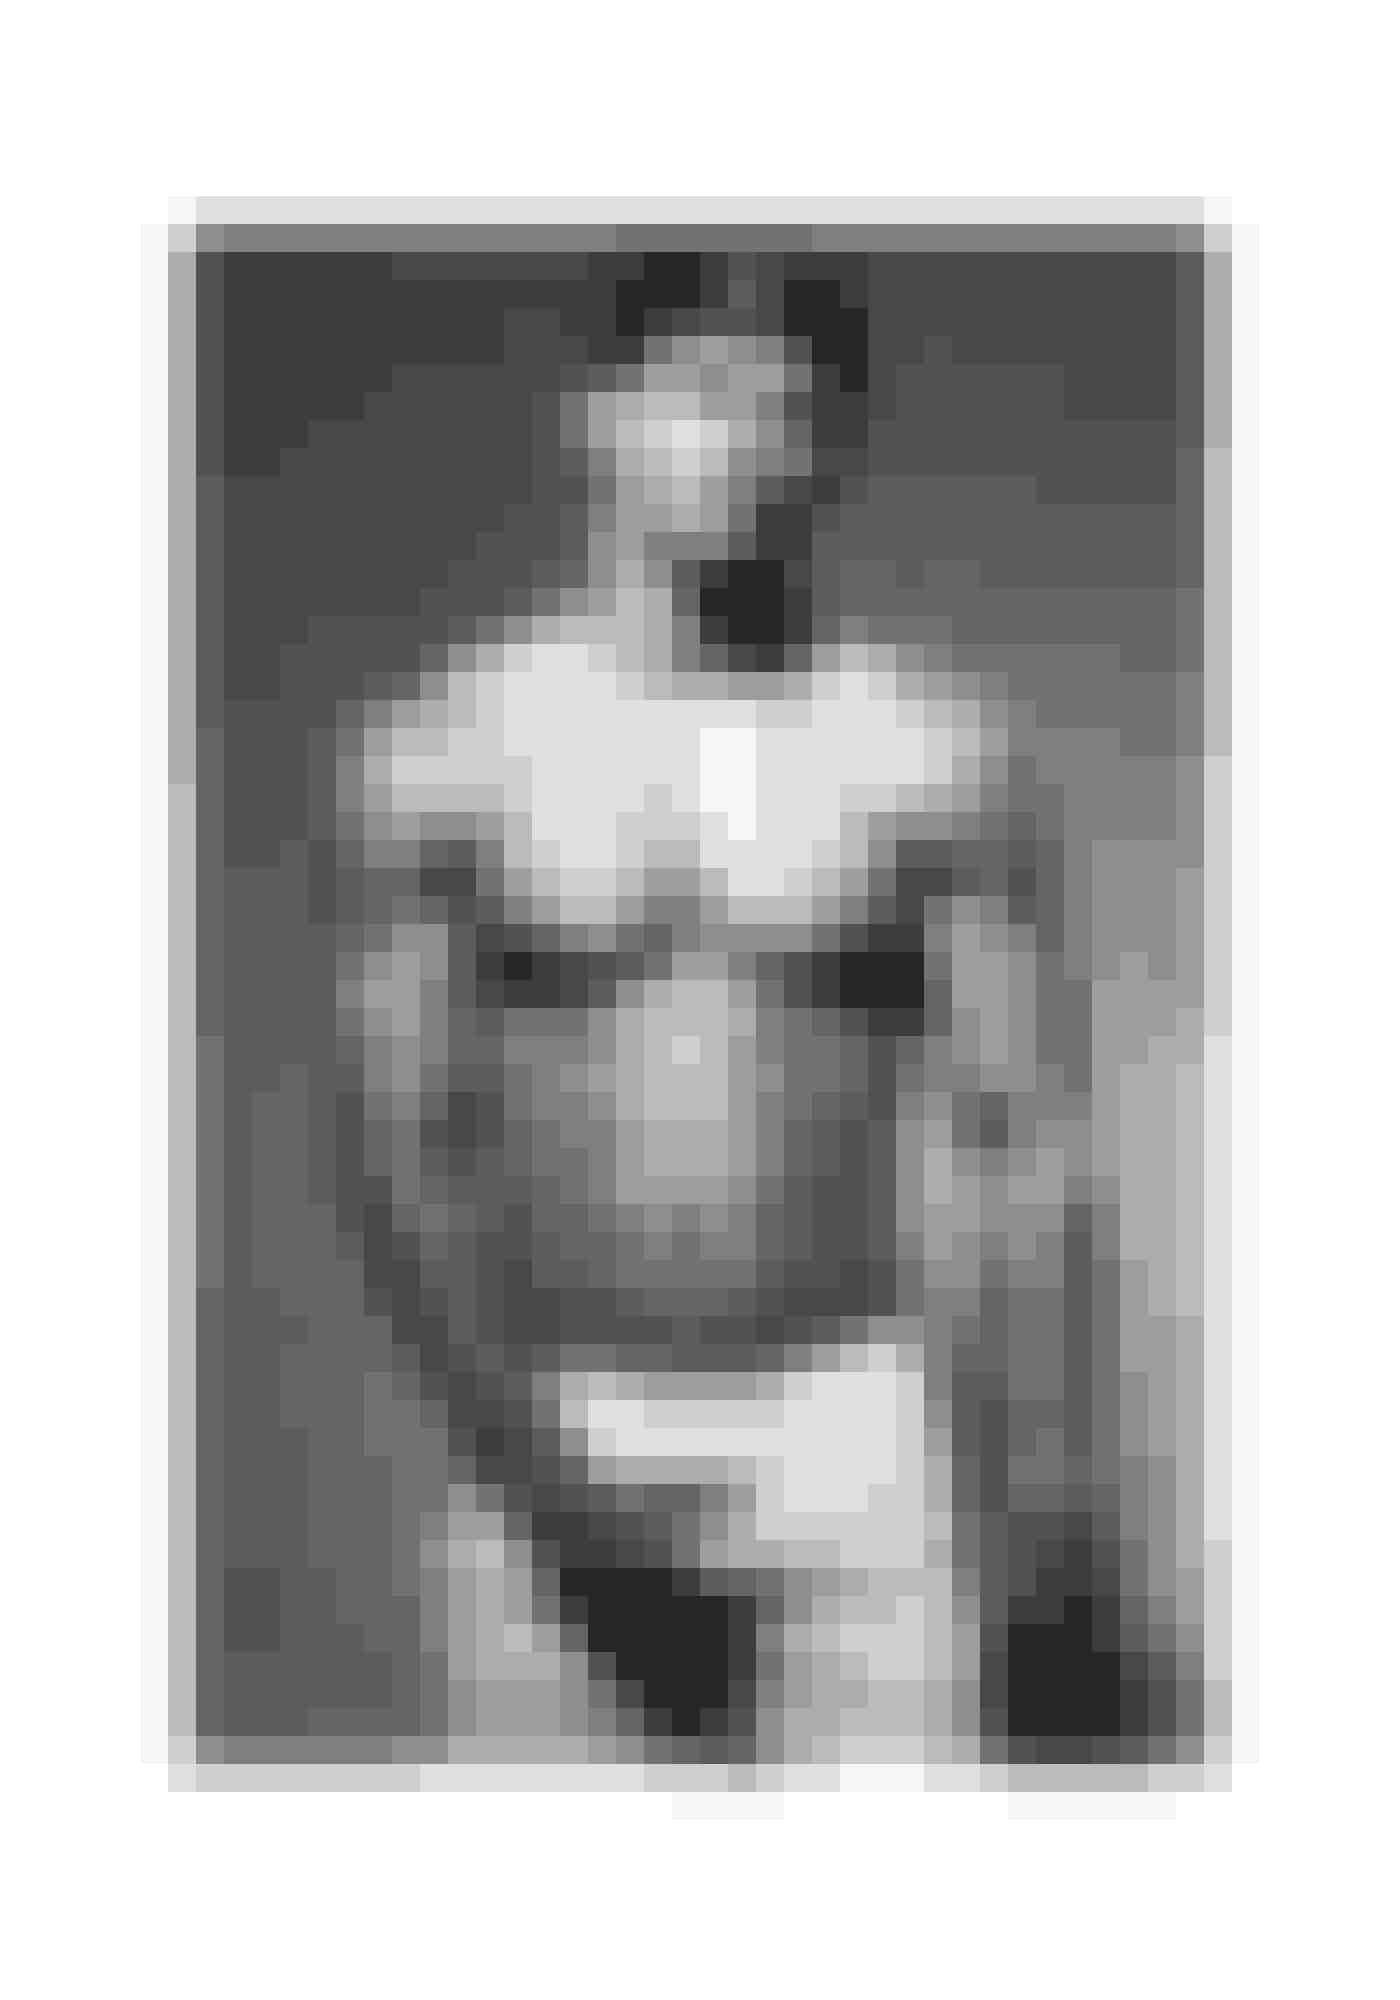 1991Brandnavnet er essentielt i 1990'erne, og Calvin Klein lancerer sin legendariske kampagne med Mark Wahlberg, der i bar overkrop og hvide boxershorts påstår, at intet kommer mellem ham og hans Calvins. Sidste år relancerede Calvin Klein kampagnen under hashtagget #mycalvins med Justin Bieber i samme setup.